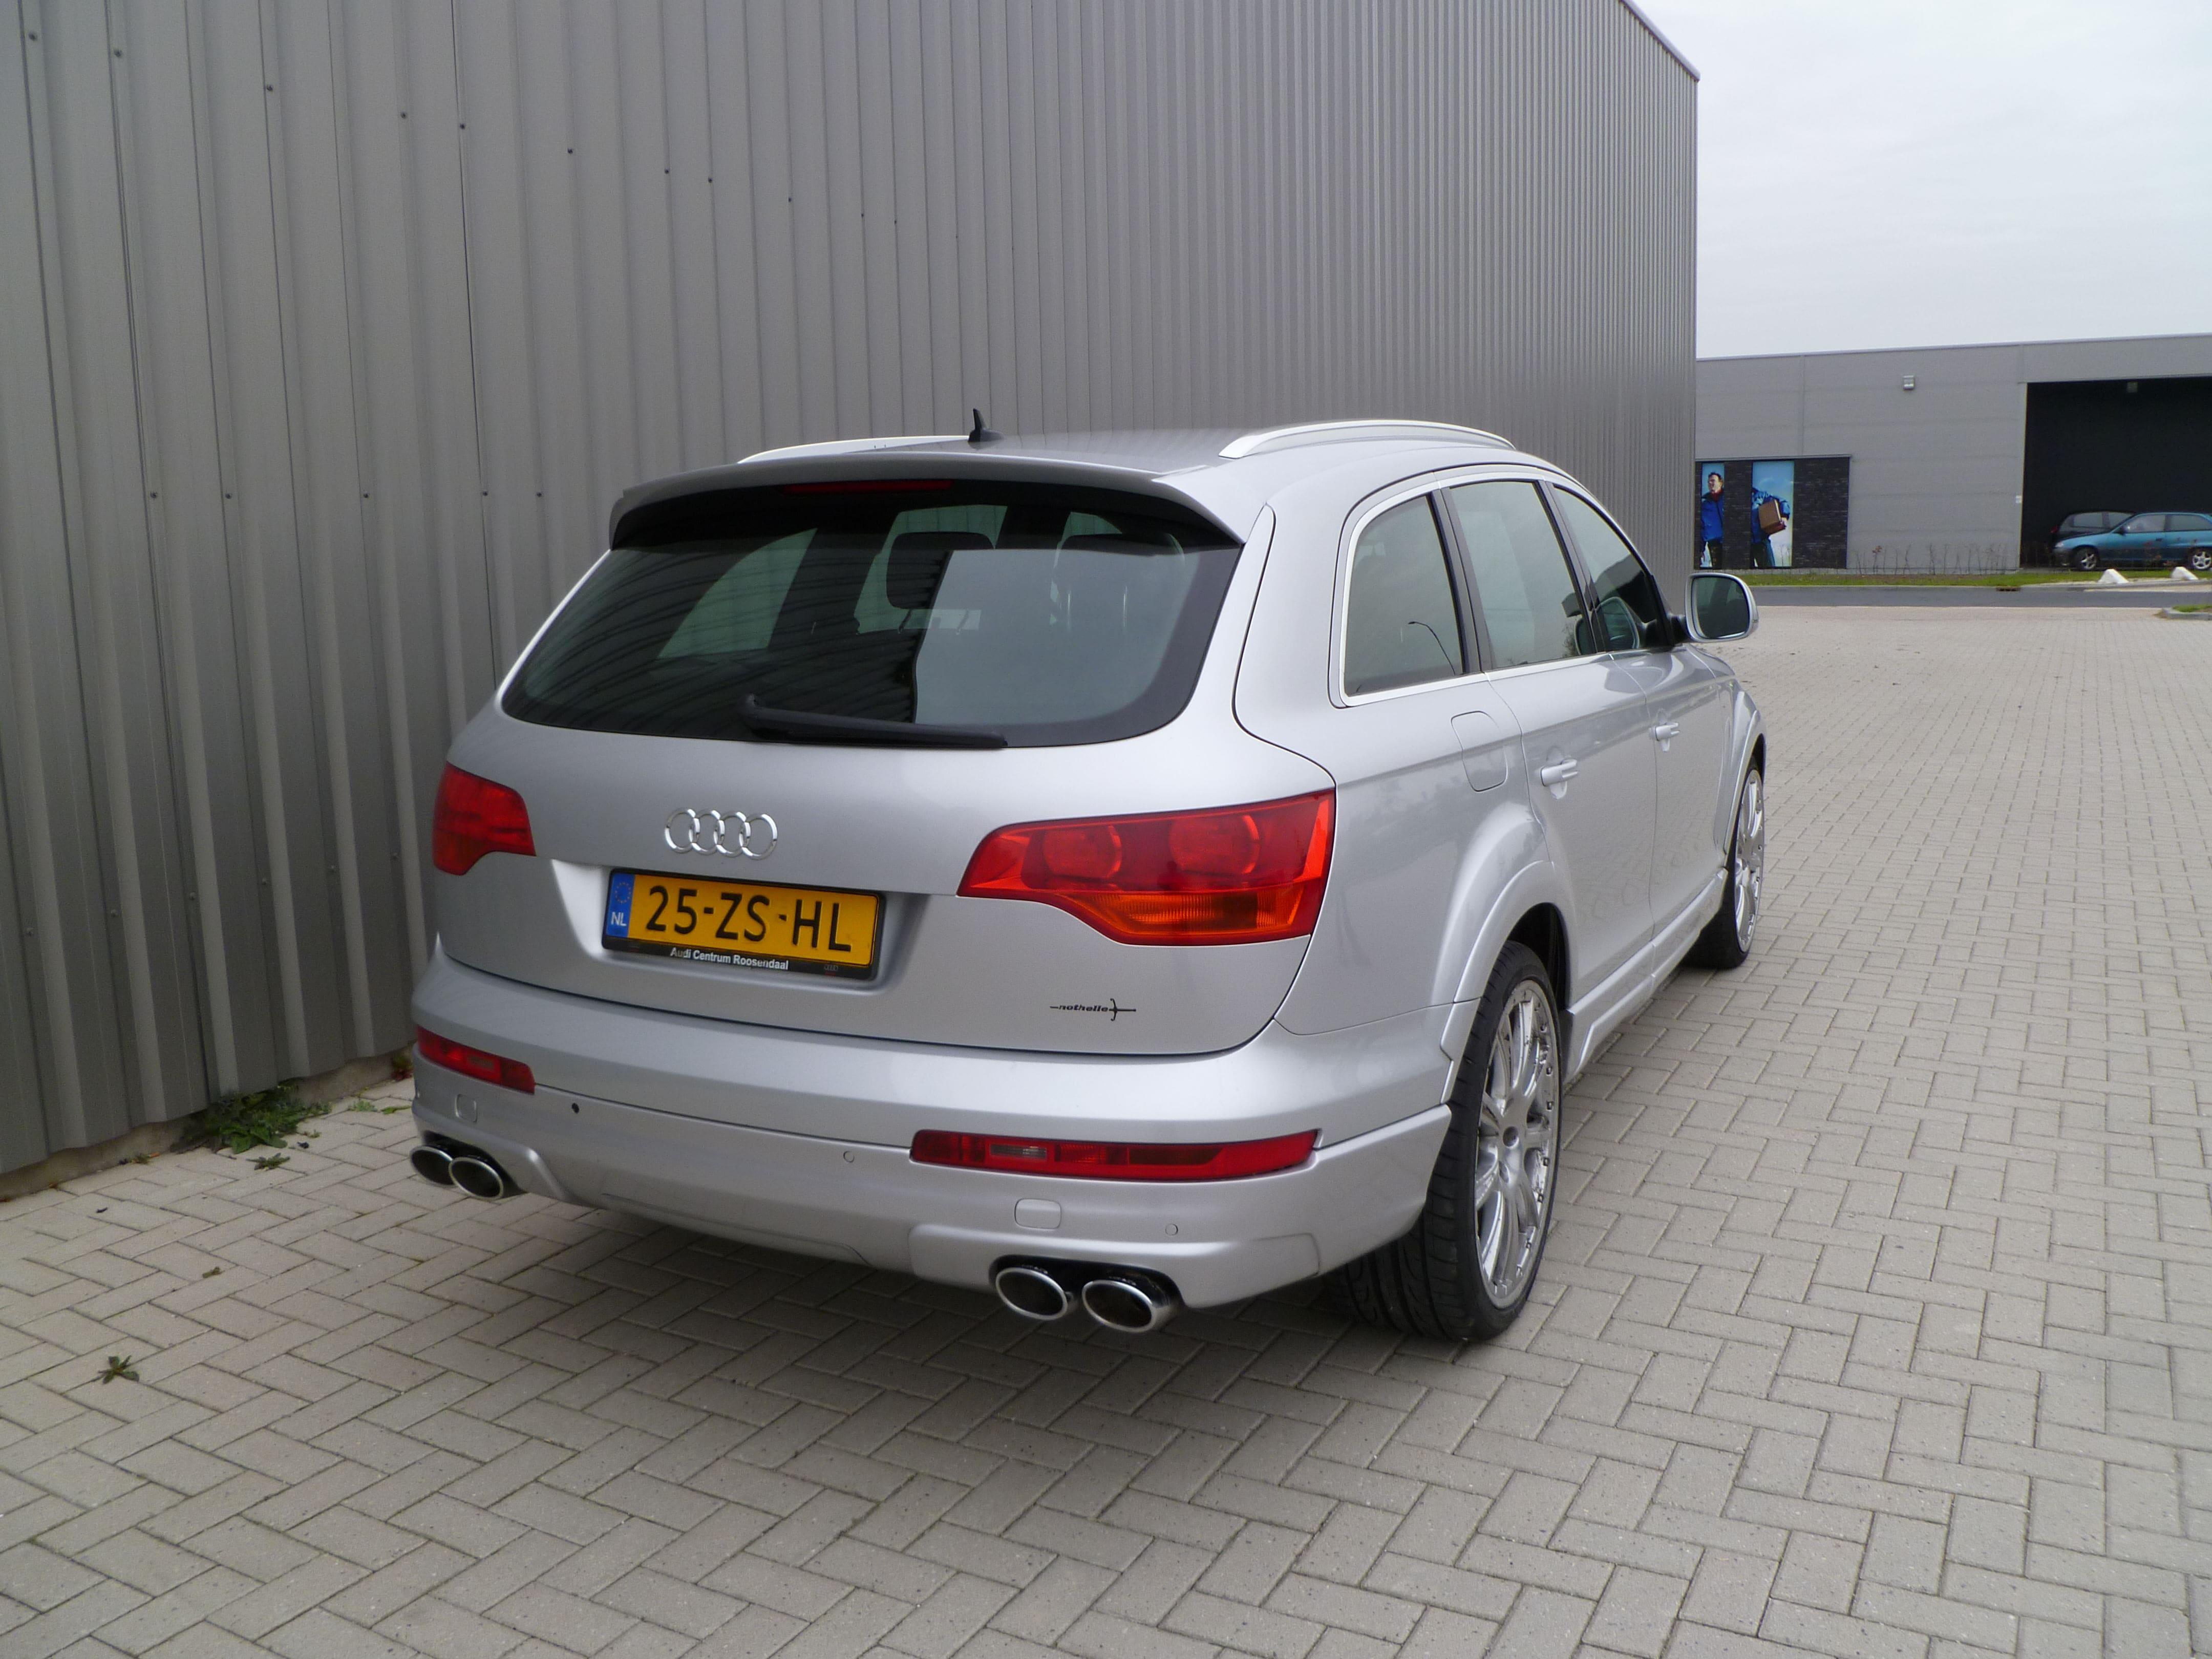 Audi Q7 met Mat Witte Wrap, Carwrapping door Wrapmyride.nu Foto-nr:4935, ©2021